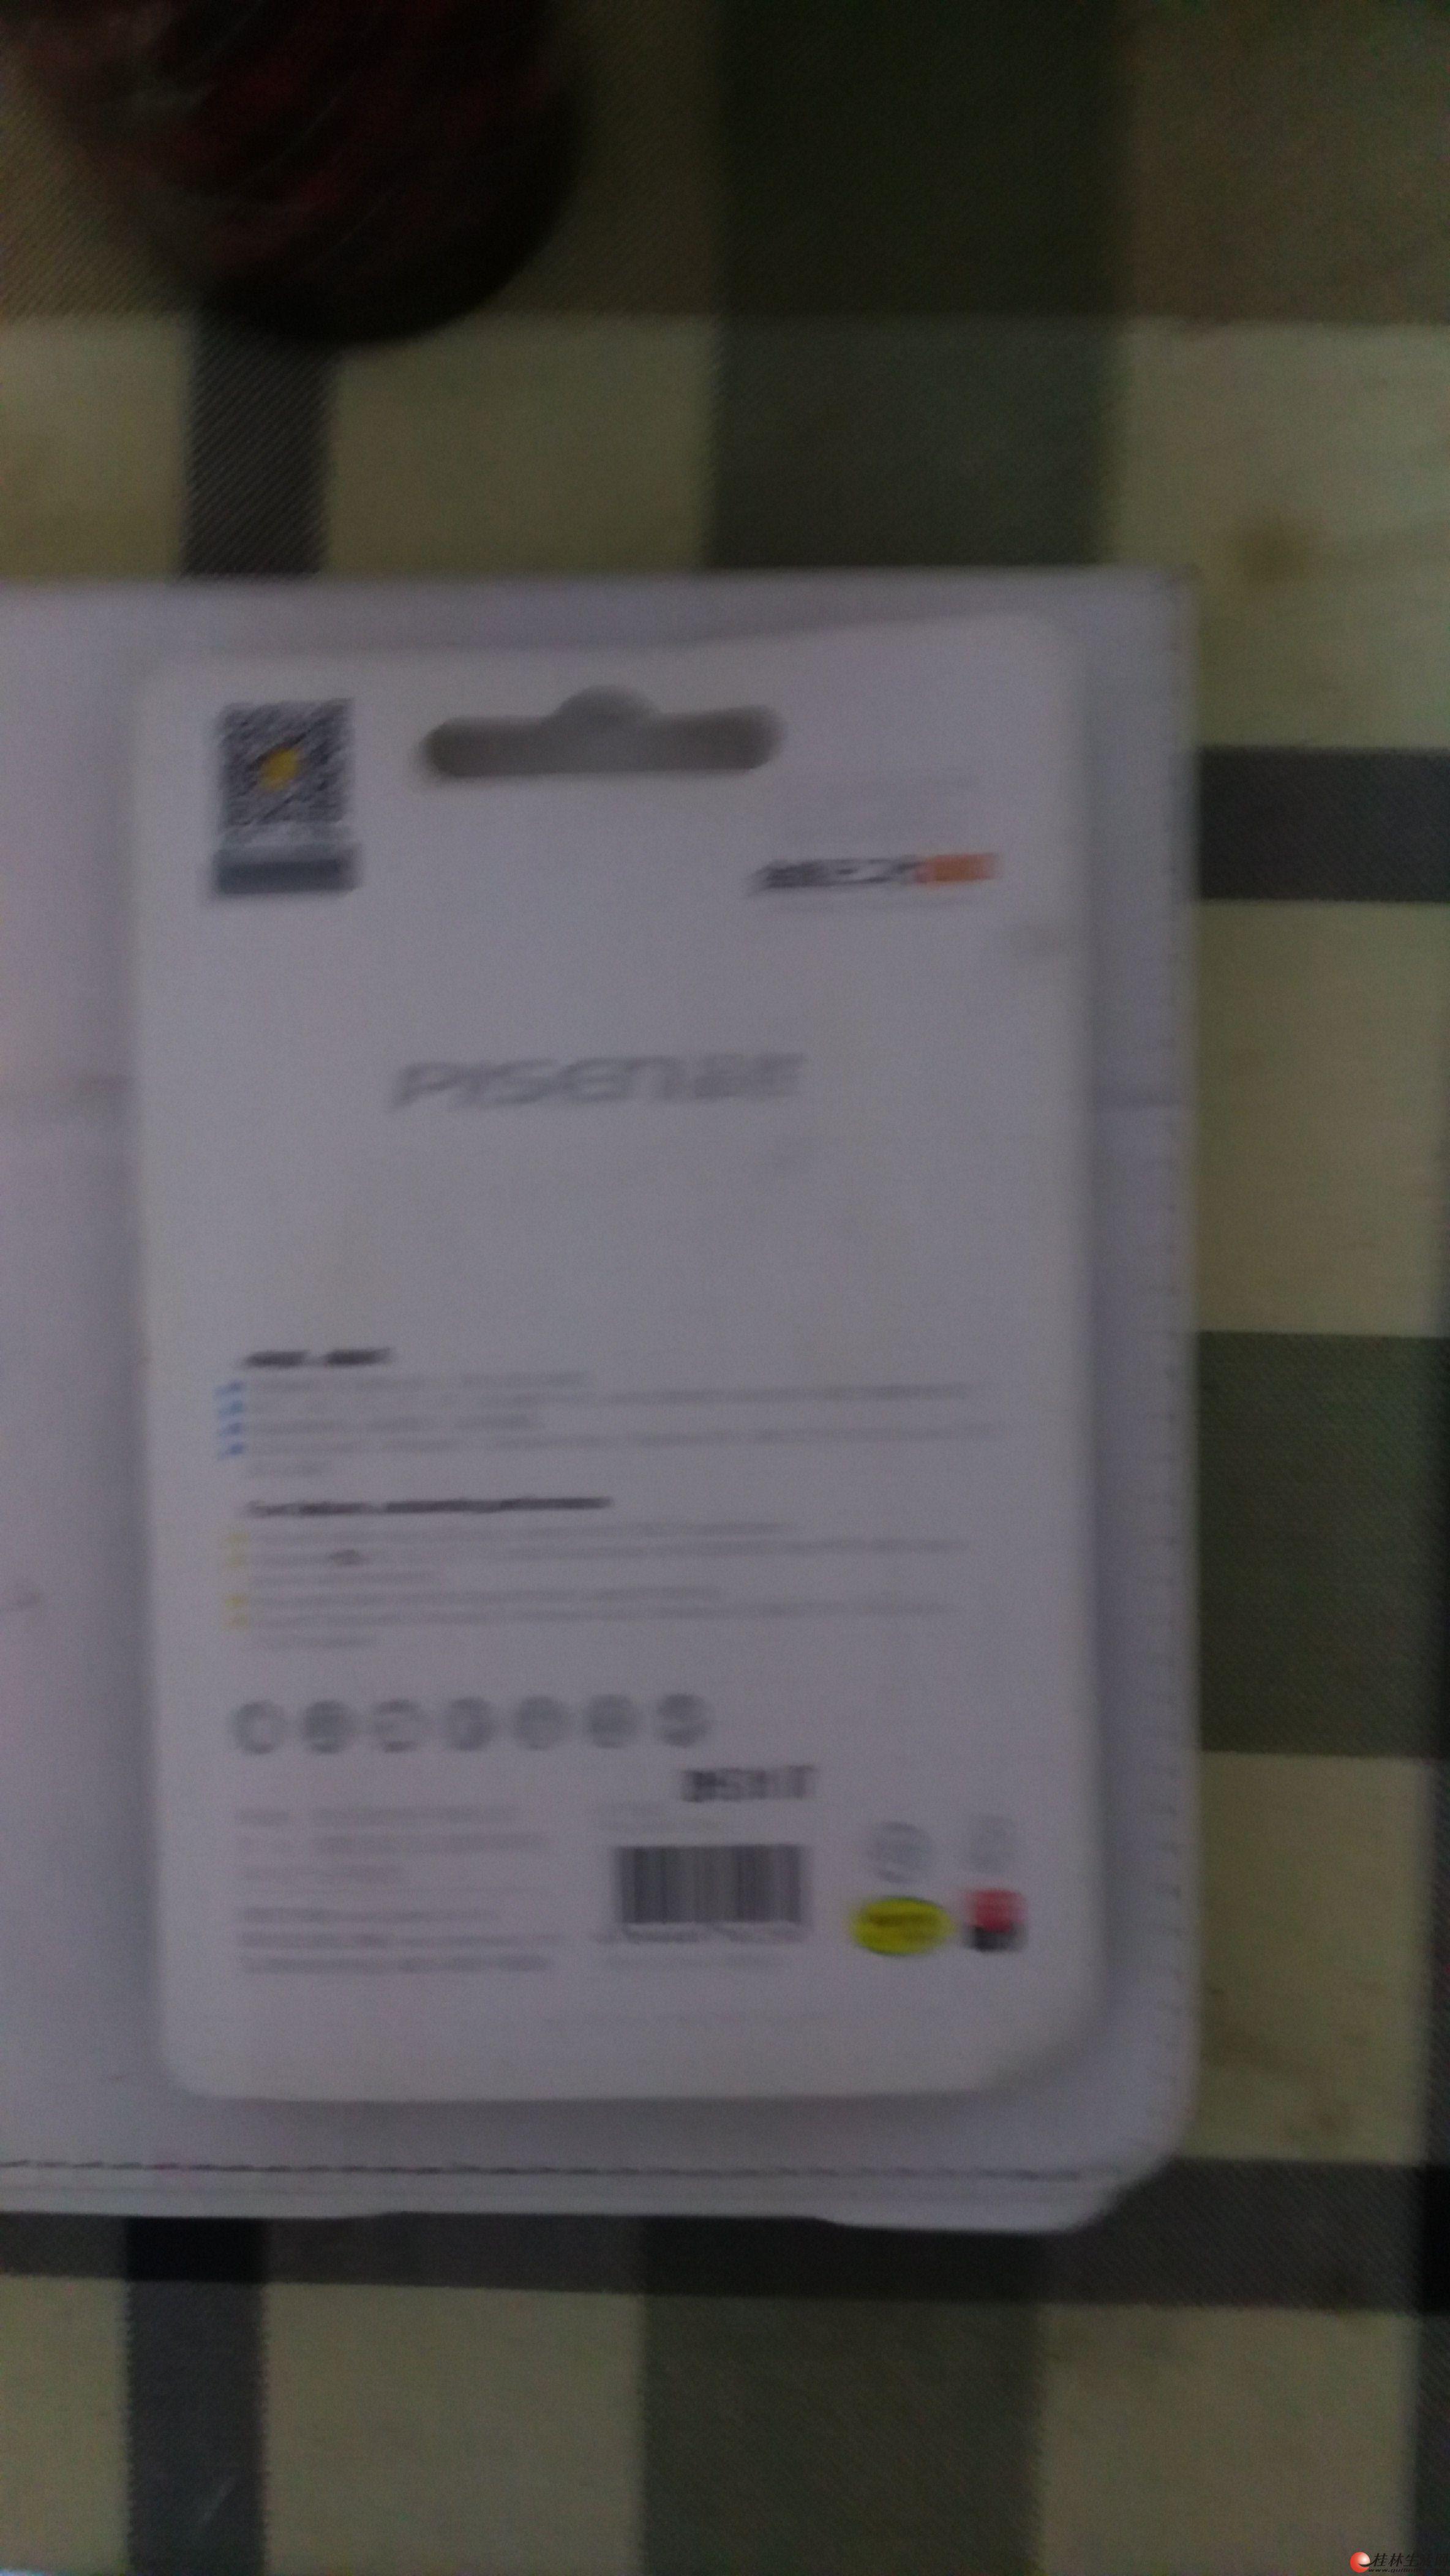 出全新品勝讀卡器,電話微信同號13367831104